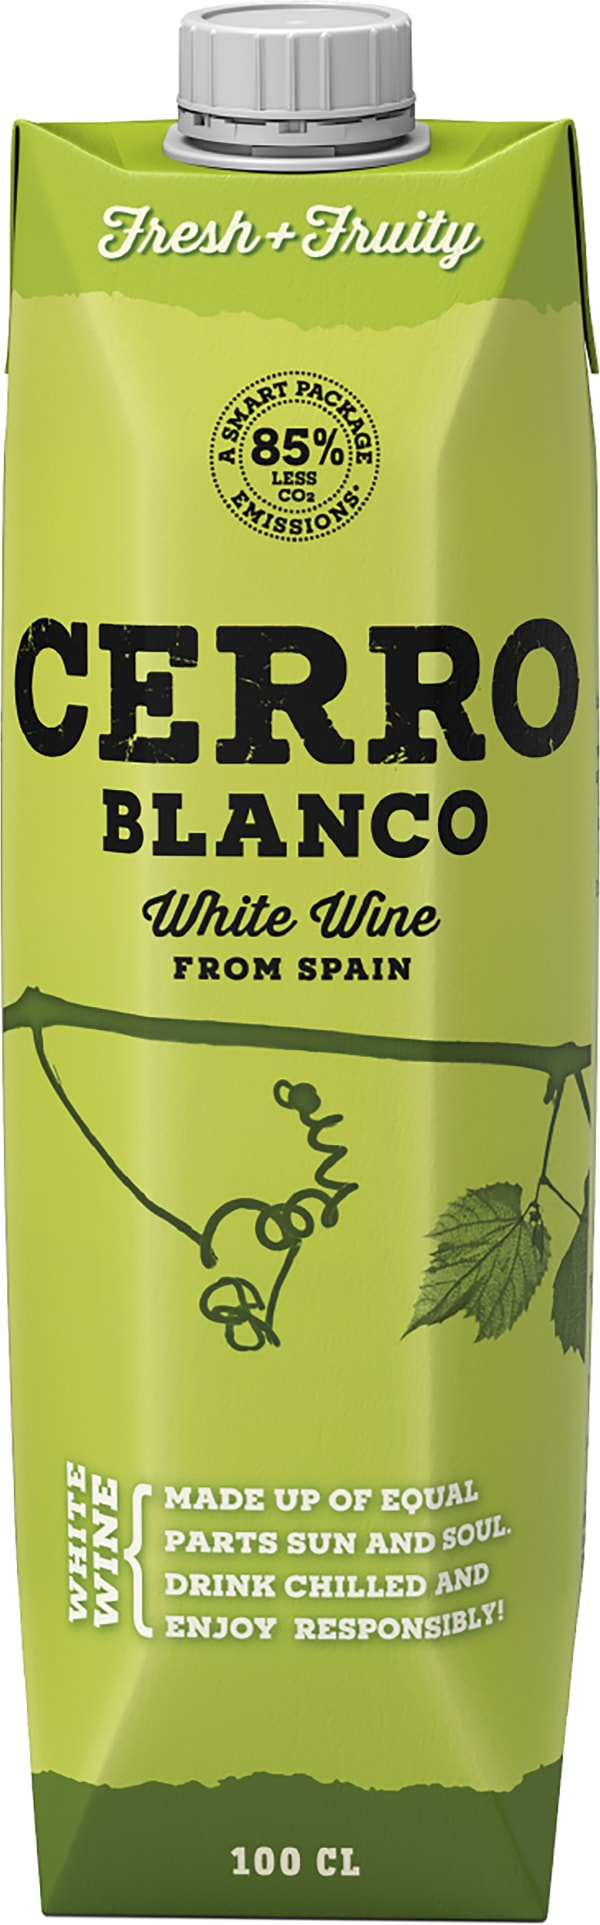 Cerro Blanco Verdejo Chardonnay  carton package